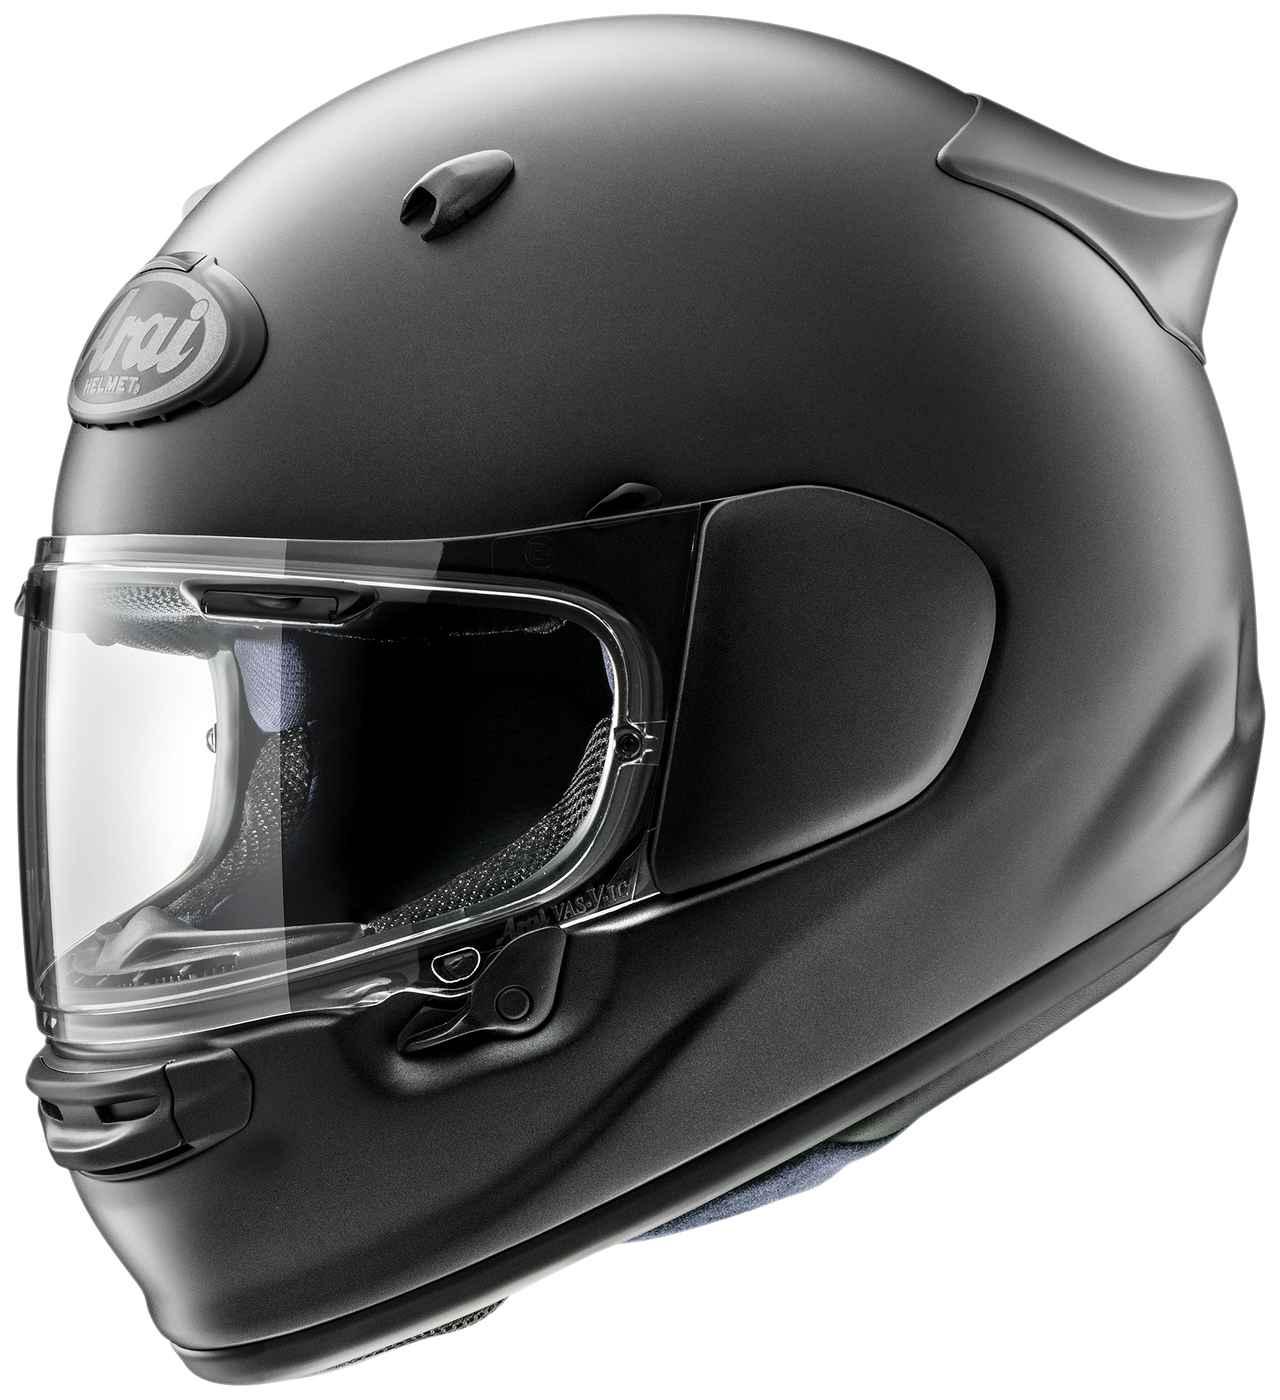 画像10: アライヘルメットが新型フルフェイス「アストロGX」を発表! ツーリングライダーのための機能や快適性を追求【2021速報】